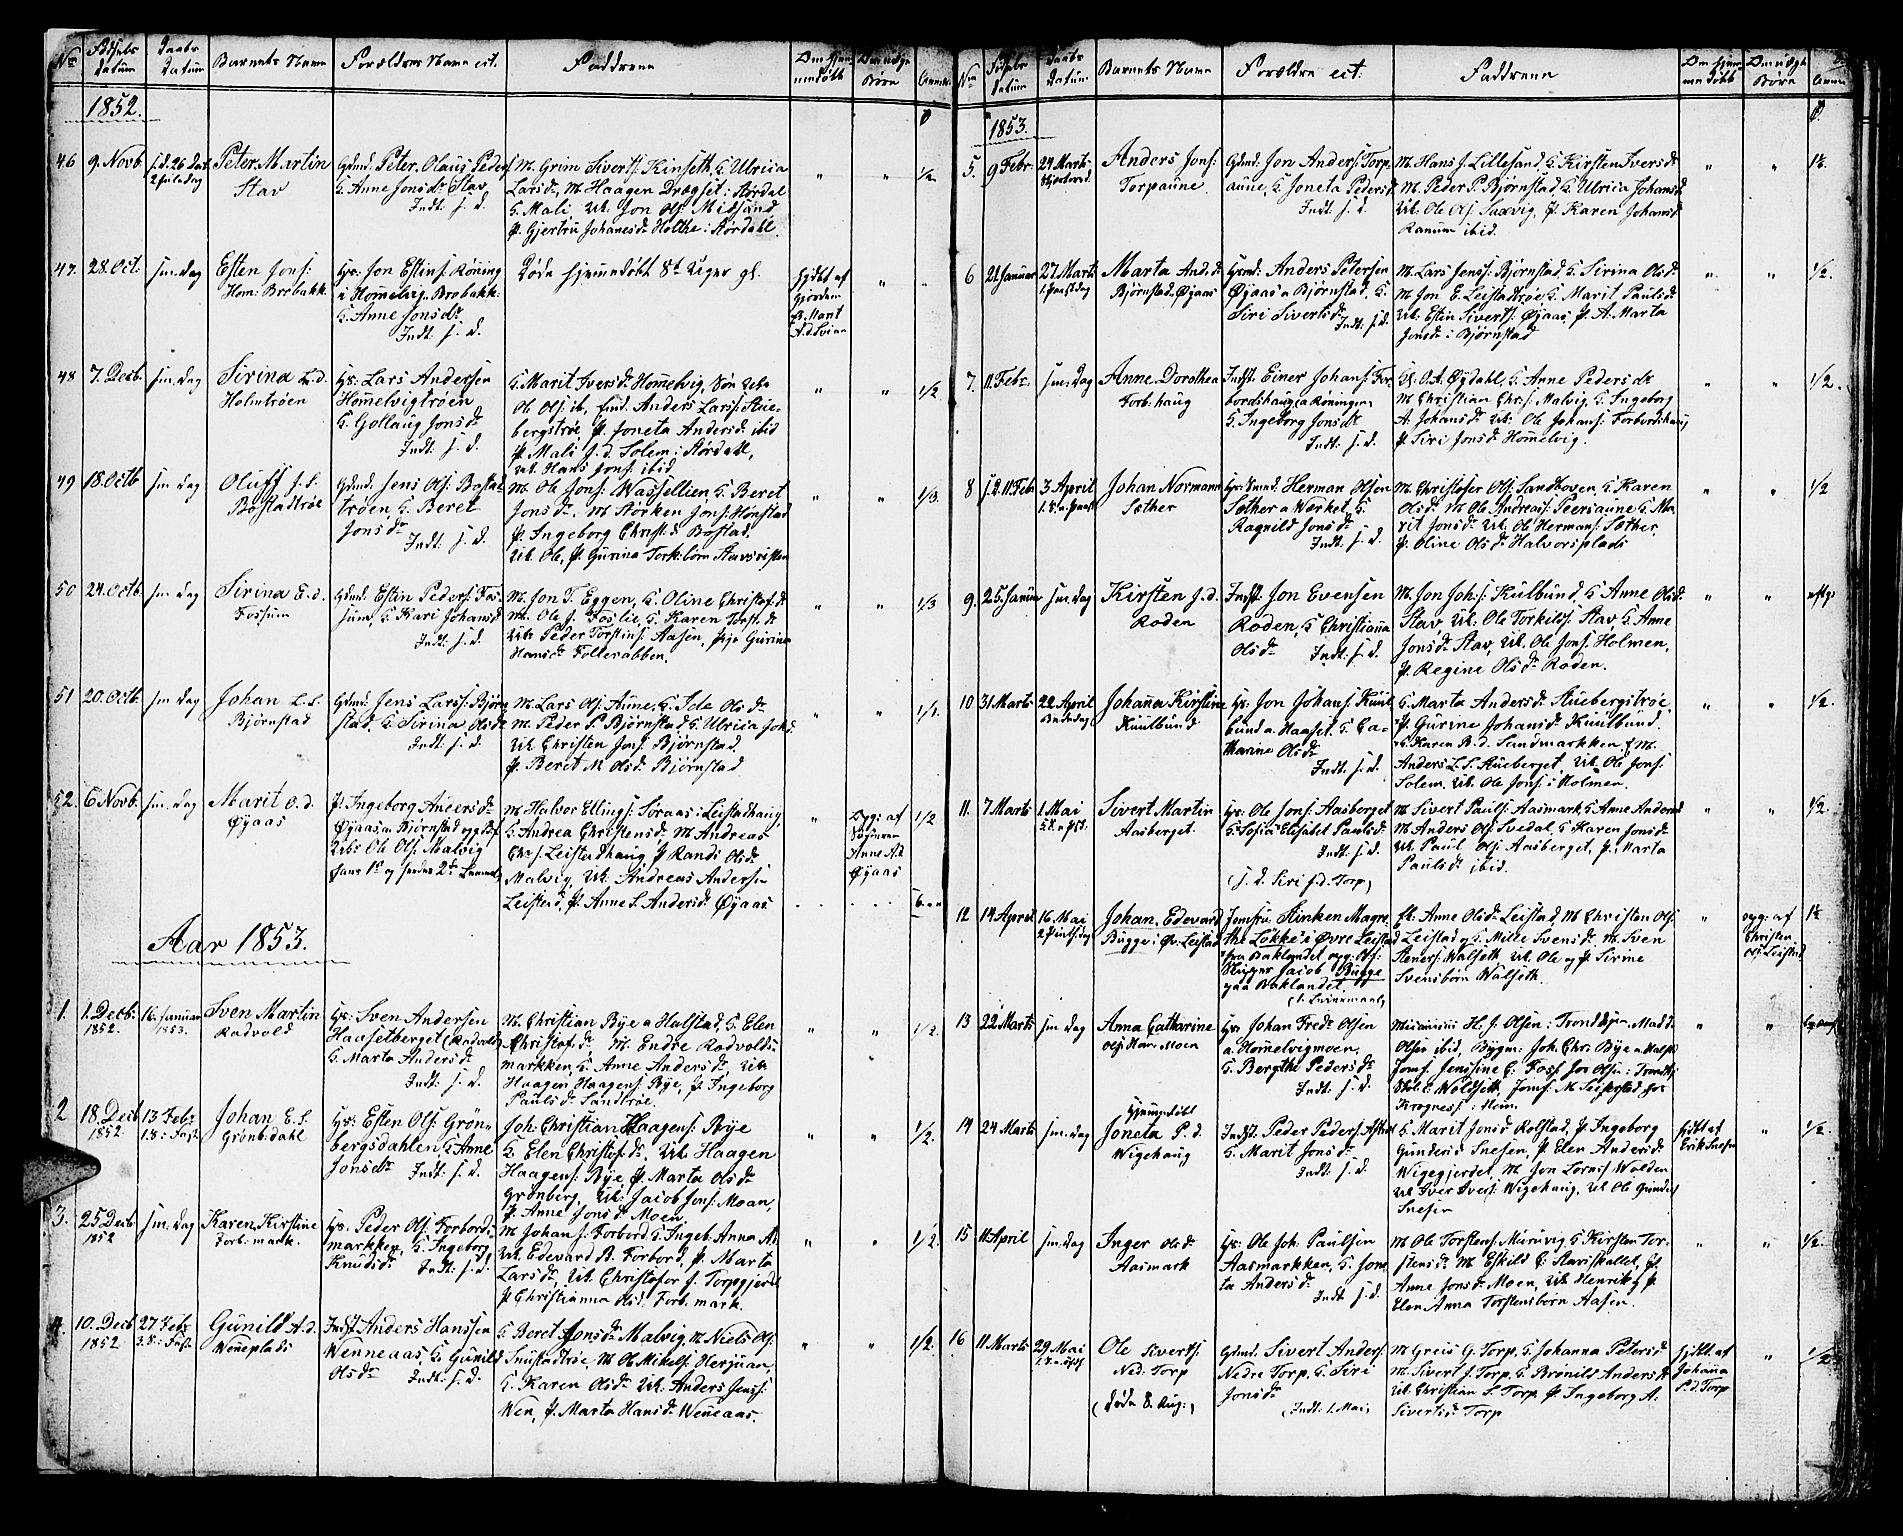 SAT, Ministerialprotokoller, klokkerbøker og fødselsregistre - Sør-Trøndelag, 616/L0422: Klokkerbok nr. 616C05, 1850-1888, s. 8